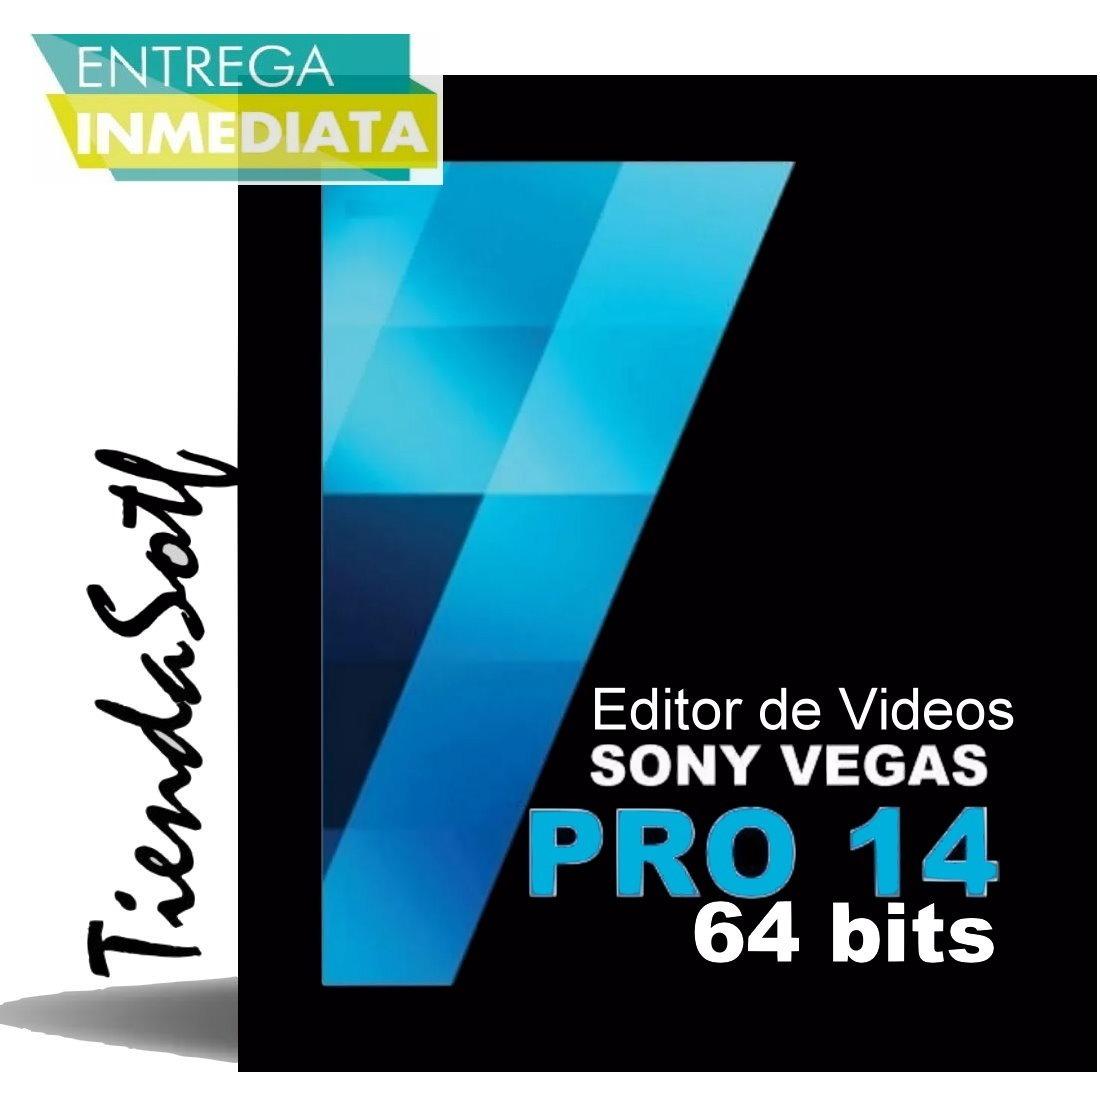 Sony Vegas Pro 14 - Potente Editor De Videos Exclusivo